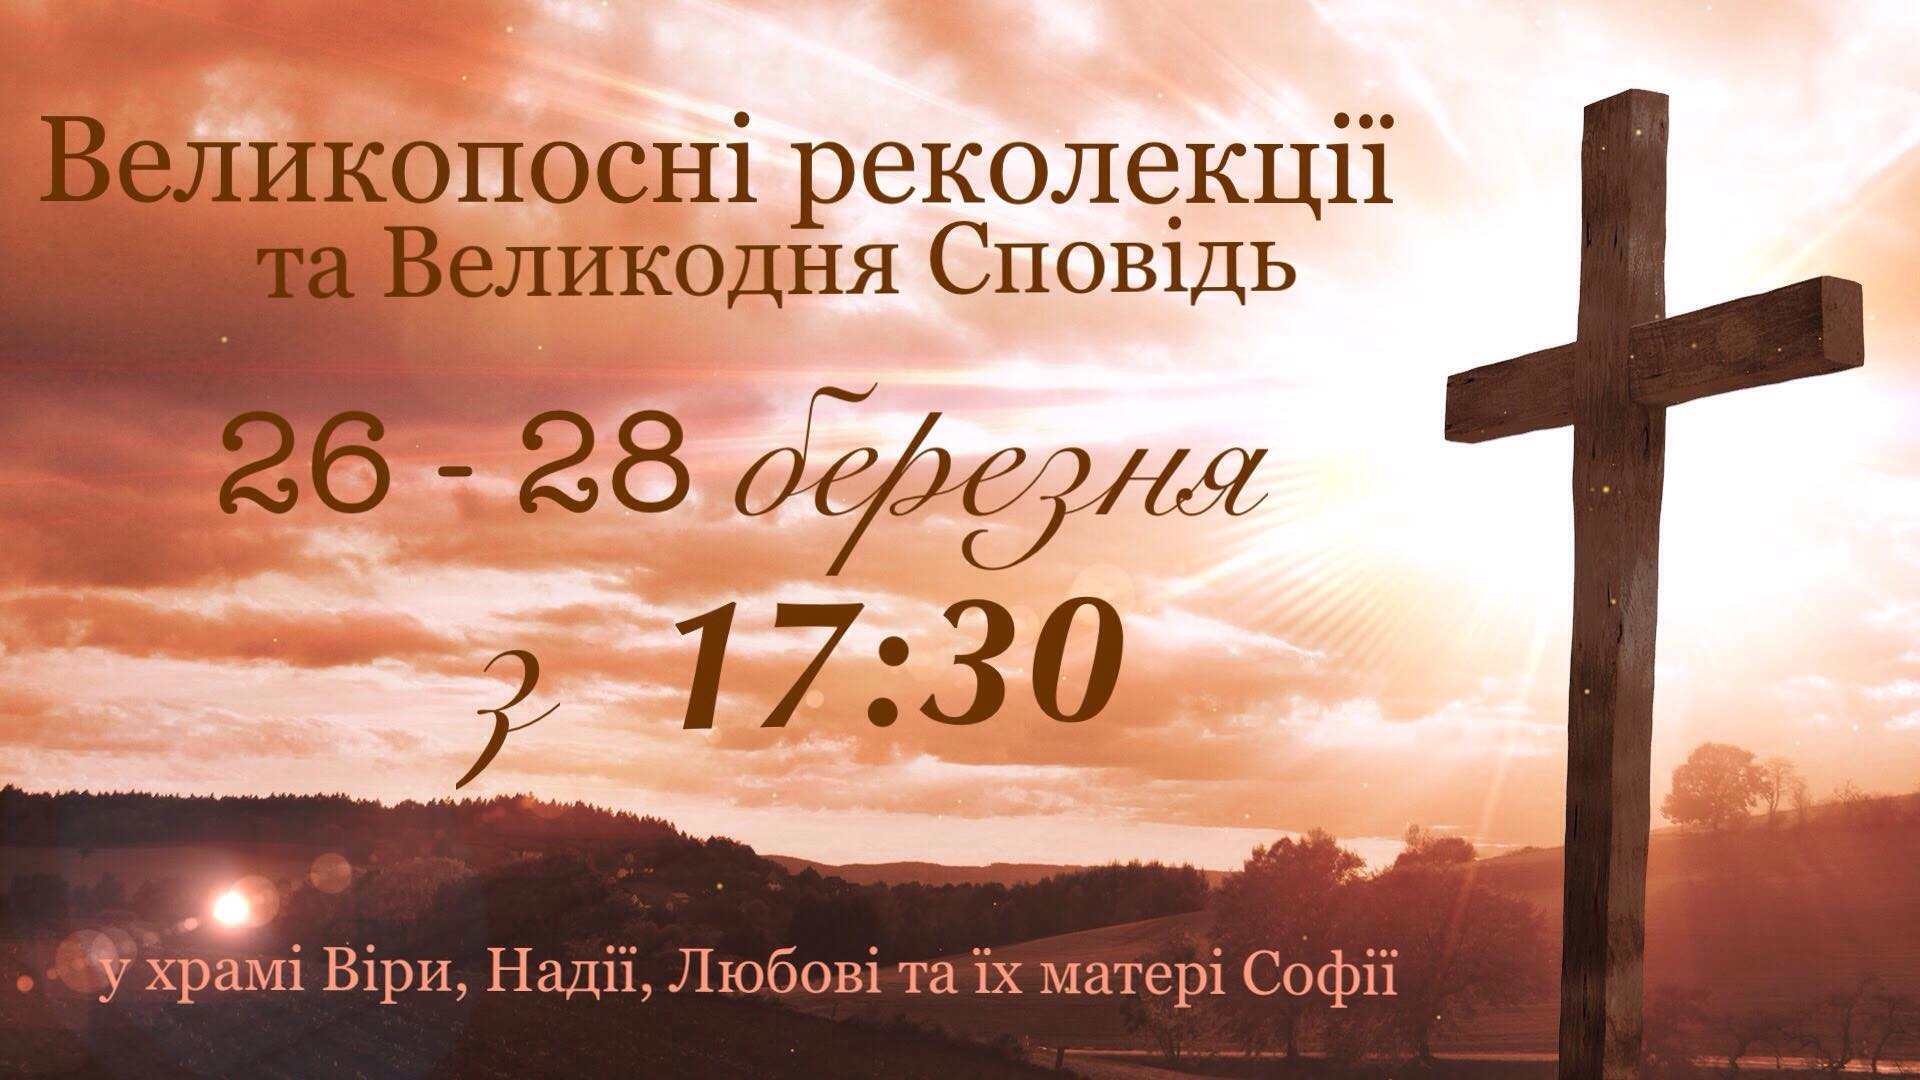 Великопосні реколекції та Великодня Сповідь